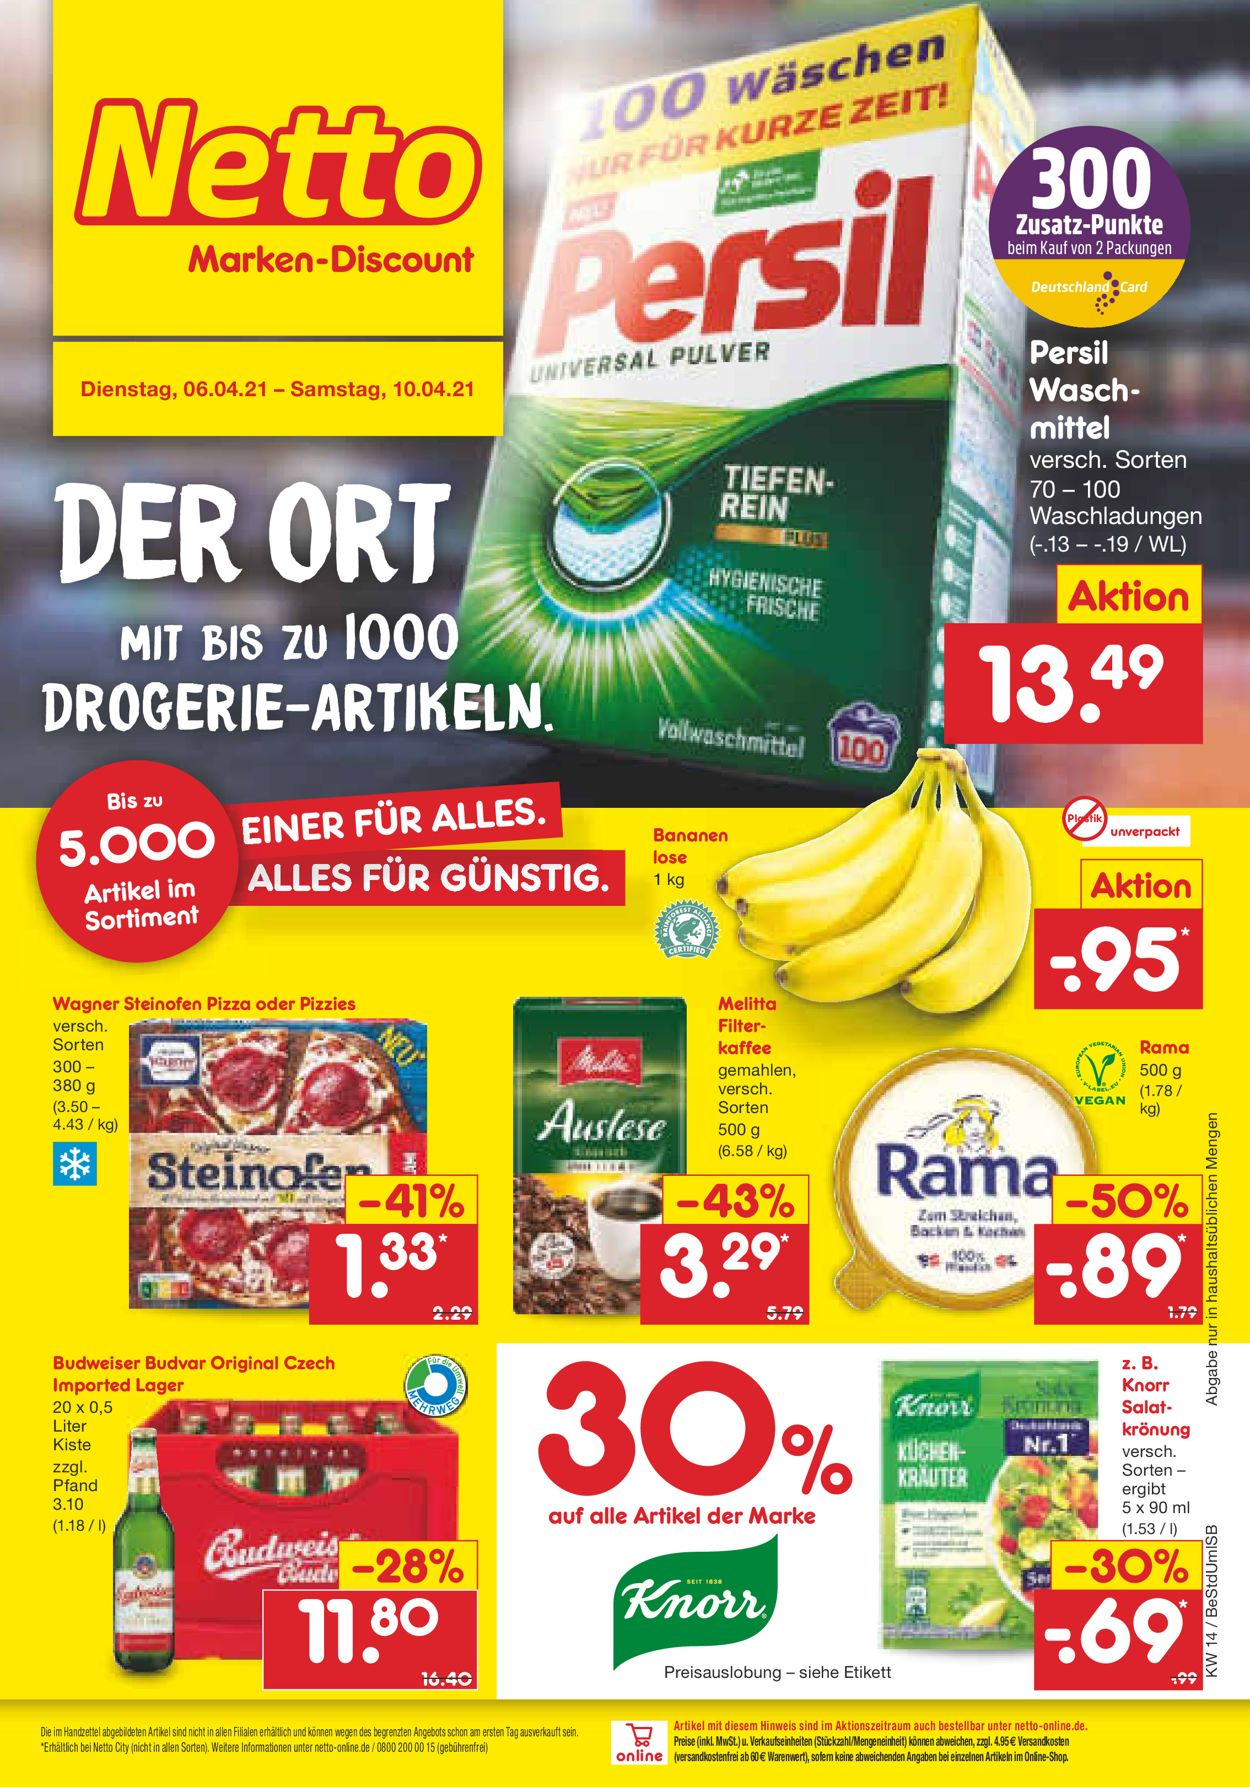 Netto Marken-Discount Prospekt - Aktuell vom 06.04-10.04.2021